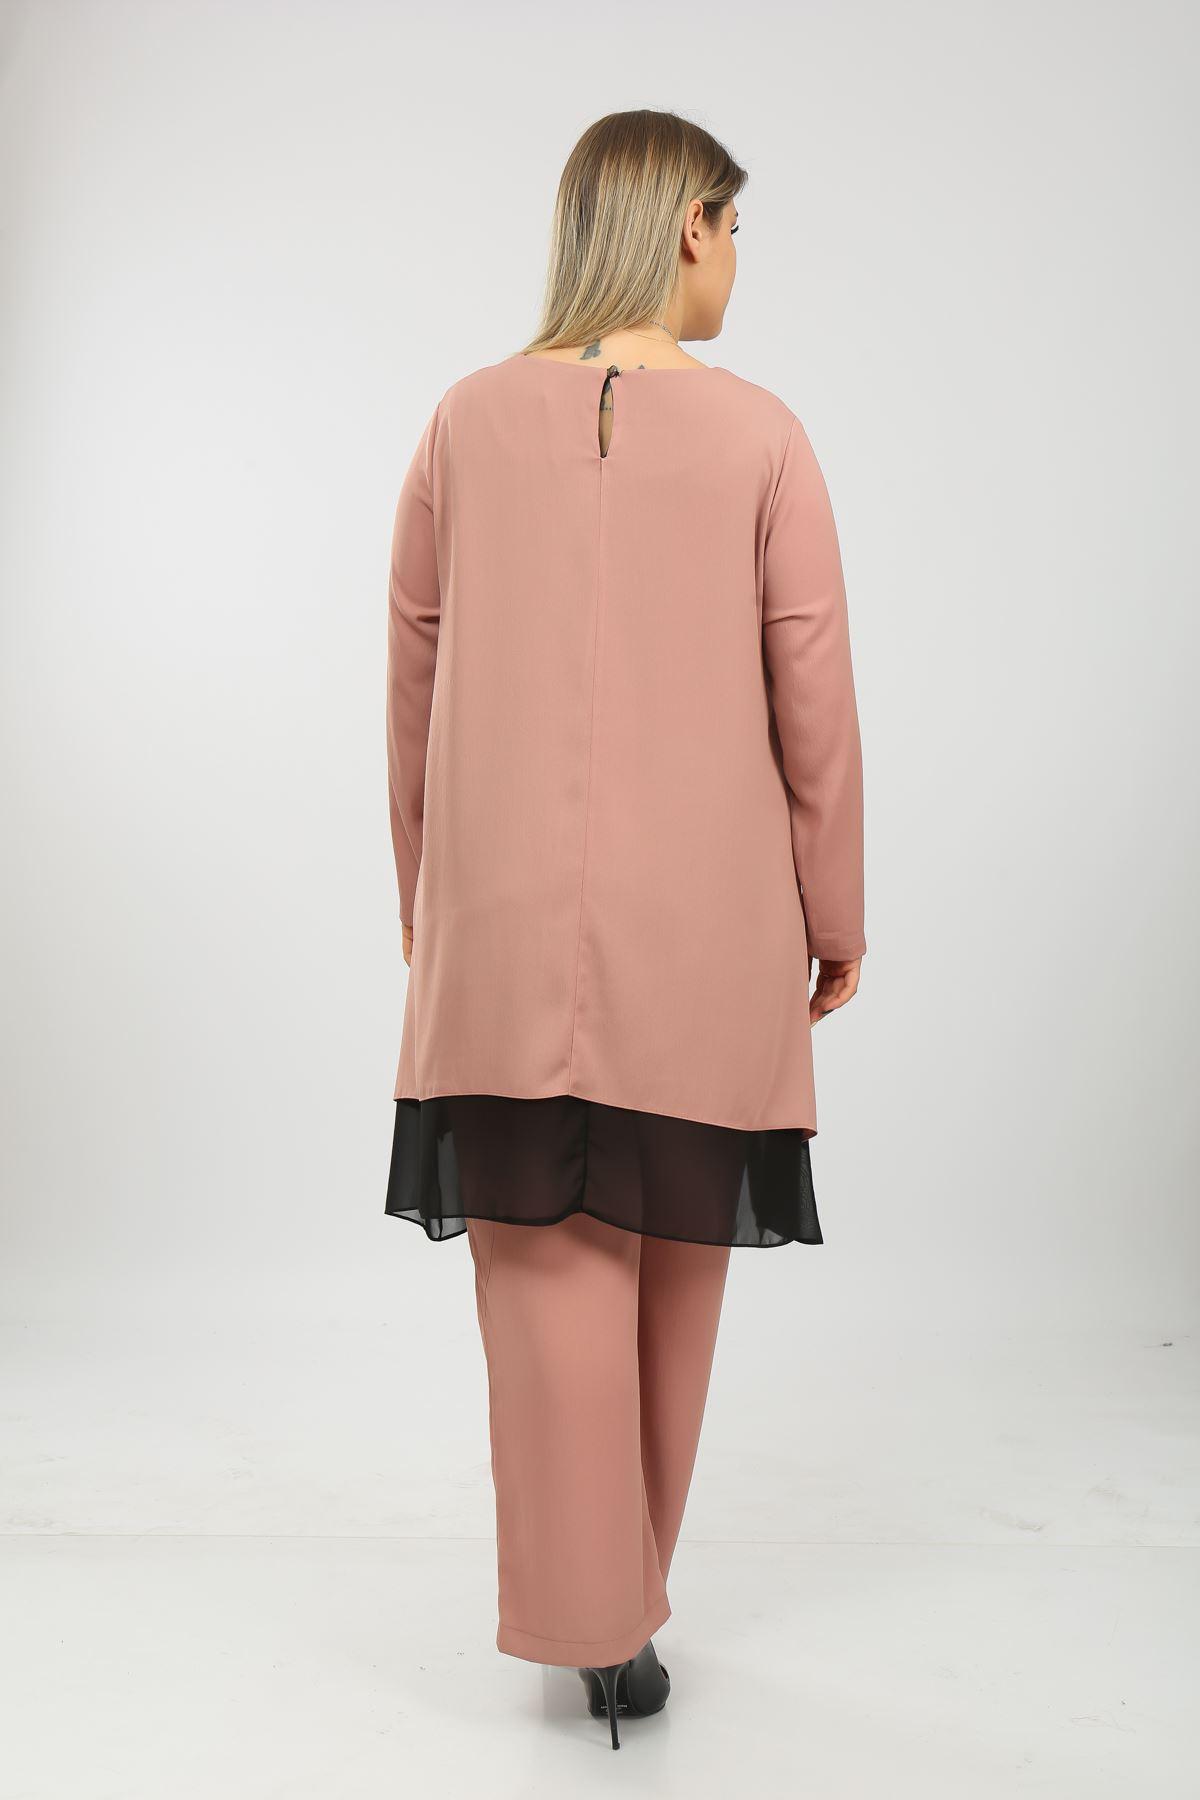 Uzun Kol Kadın Tunik Takım